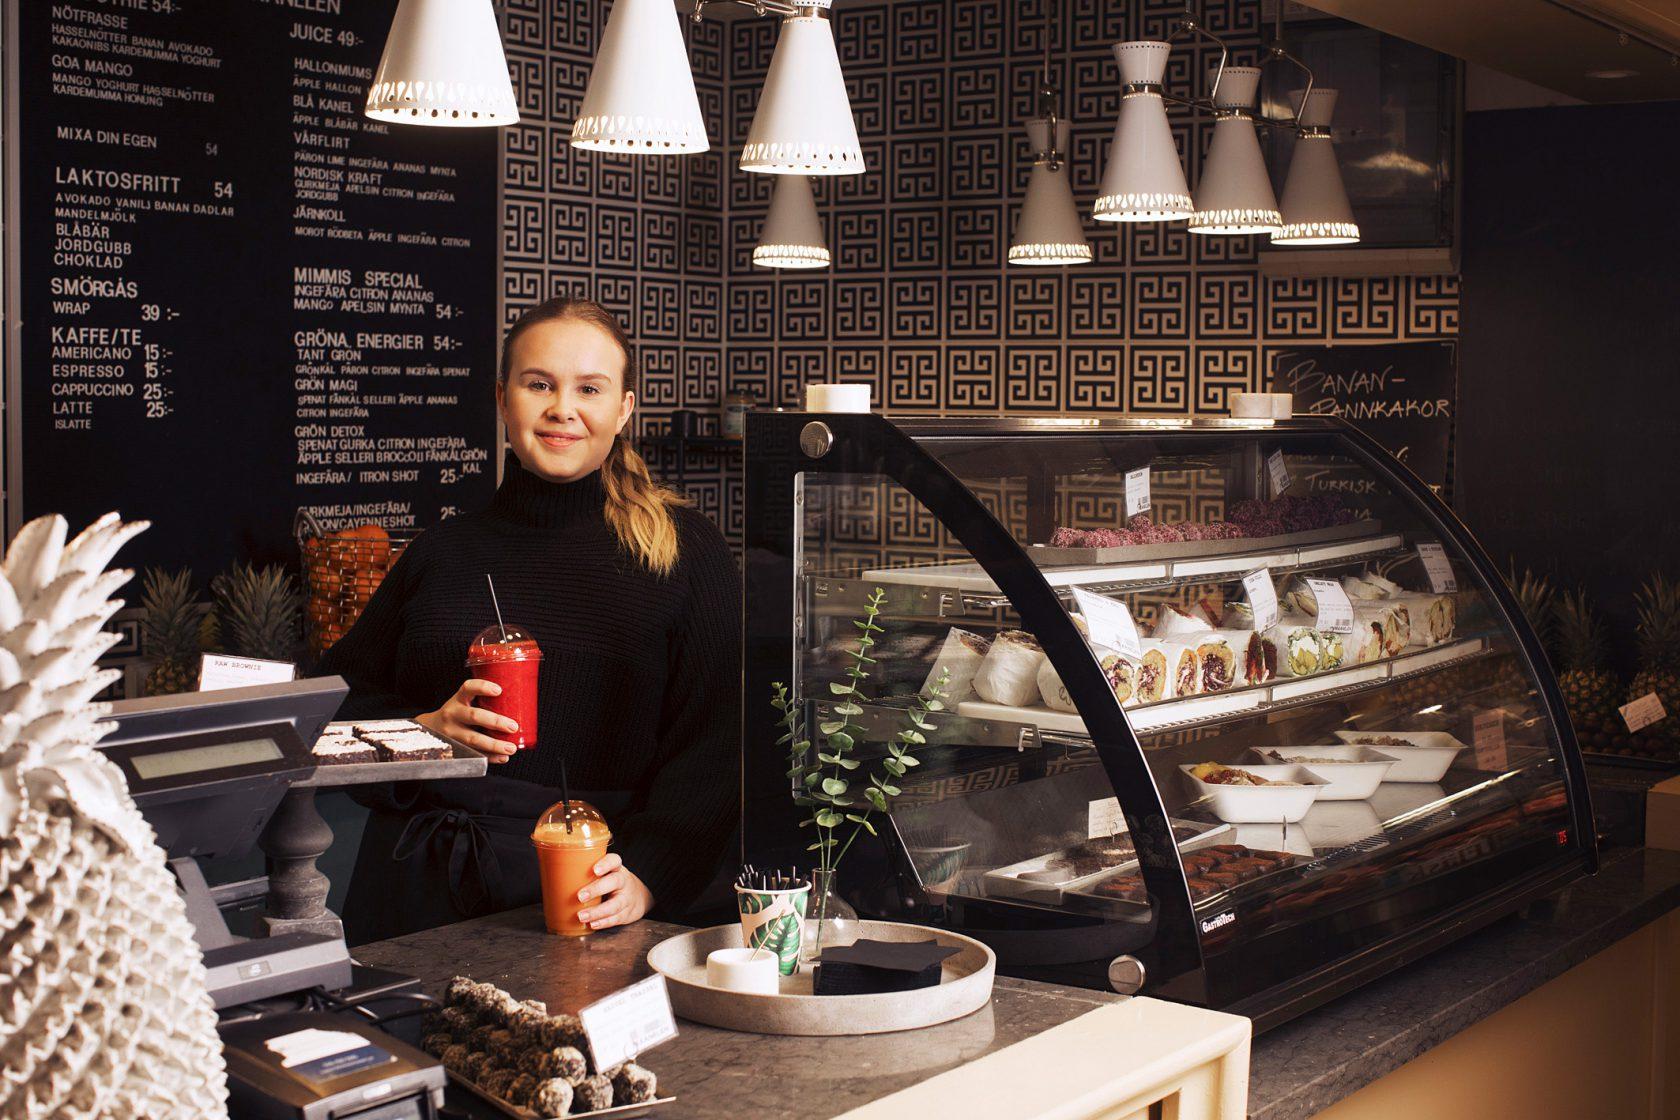 En kvinna i personalen står bakom en disk med en smoothie i handen.